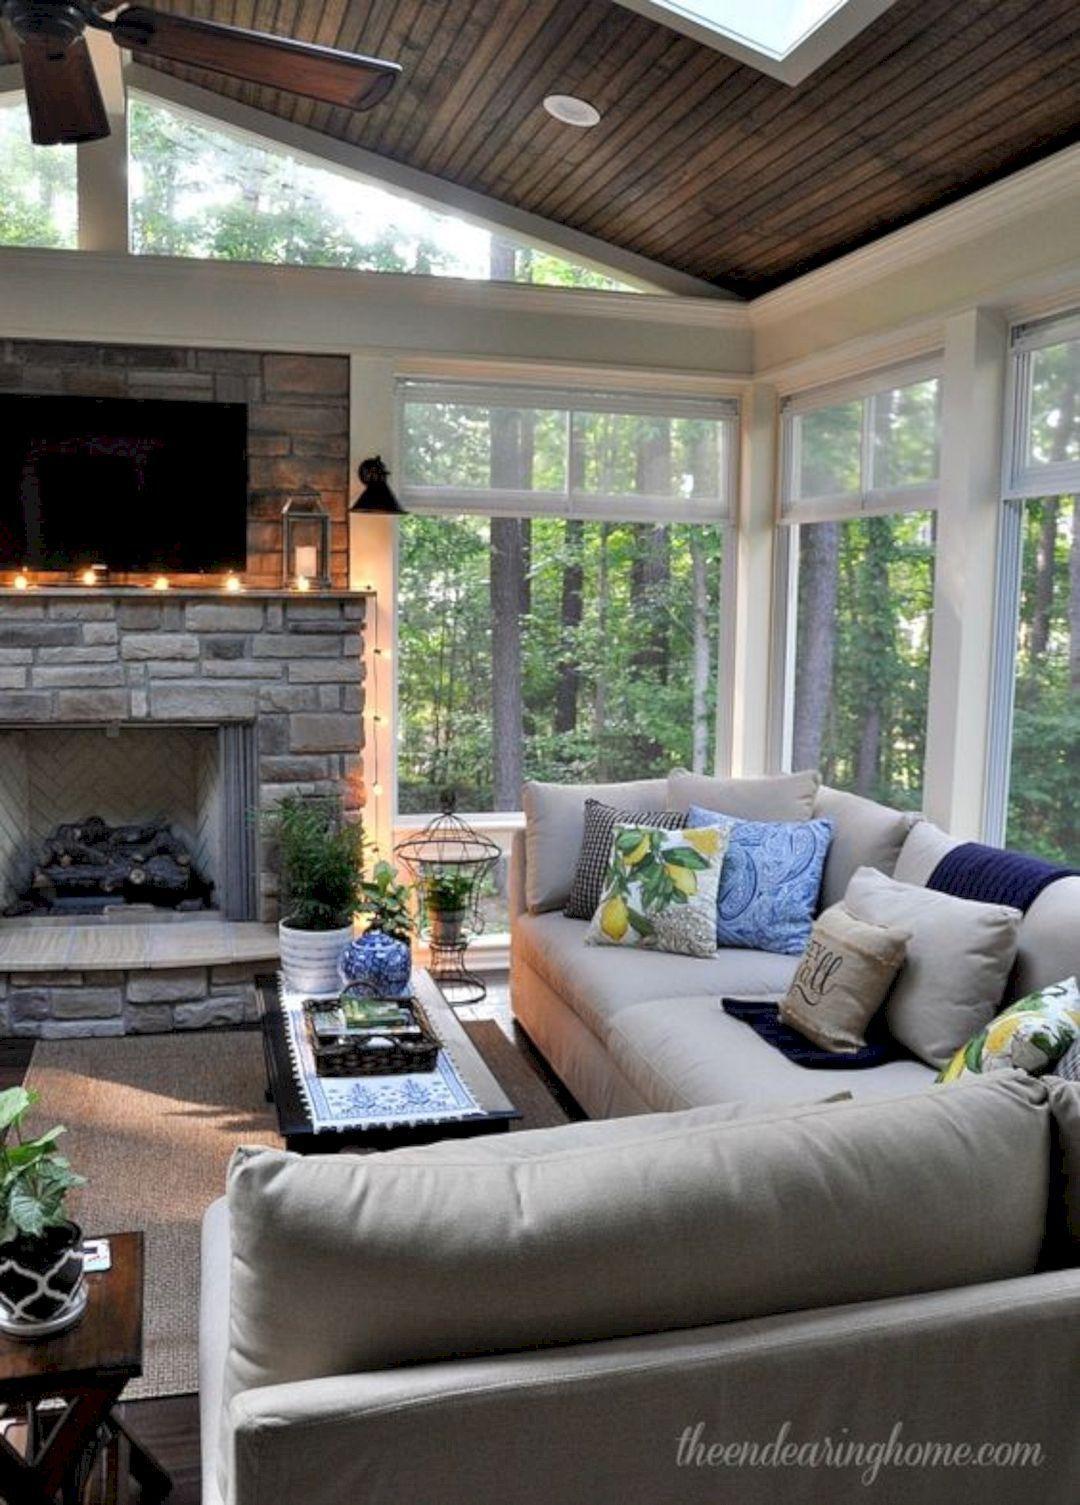 sunroom furniture designs. 16 Furniture Ideas To Brighten Your Sunroom Https://www.futuristarchitecture.com Designs